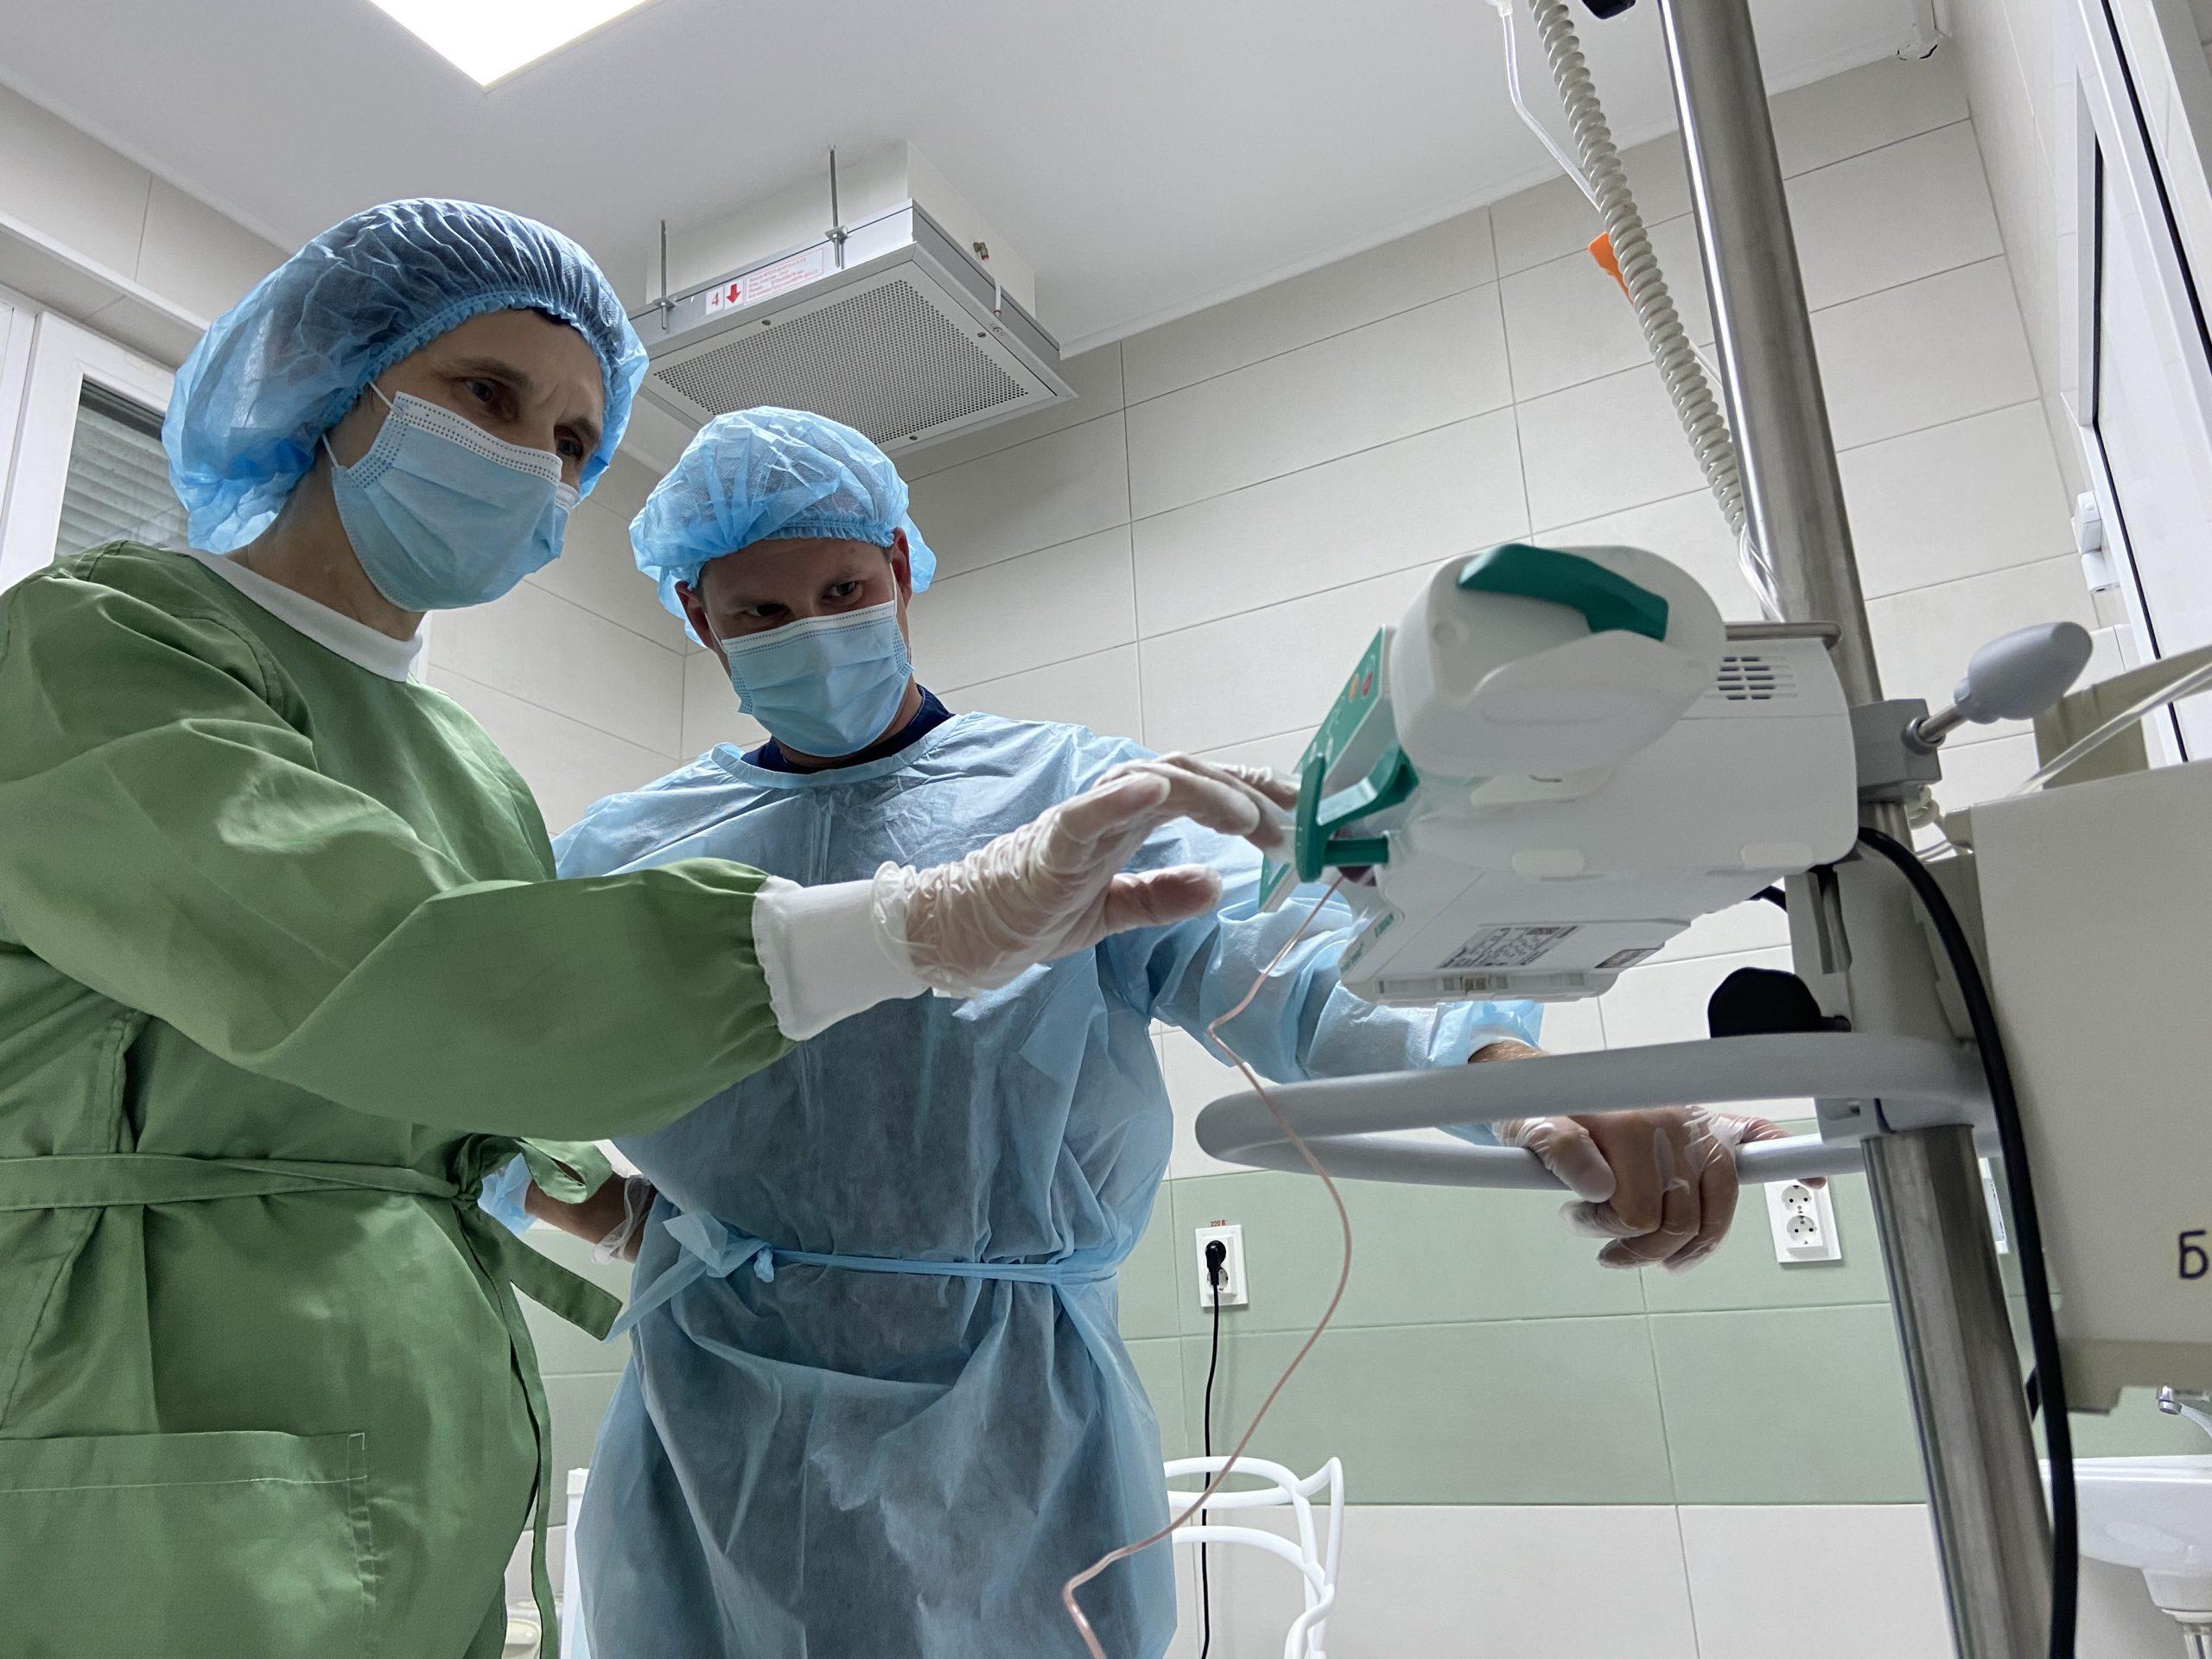 Черкащанин став донором кісткового мозку для брата (ВІДЕО)